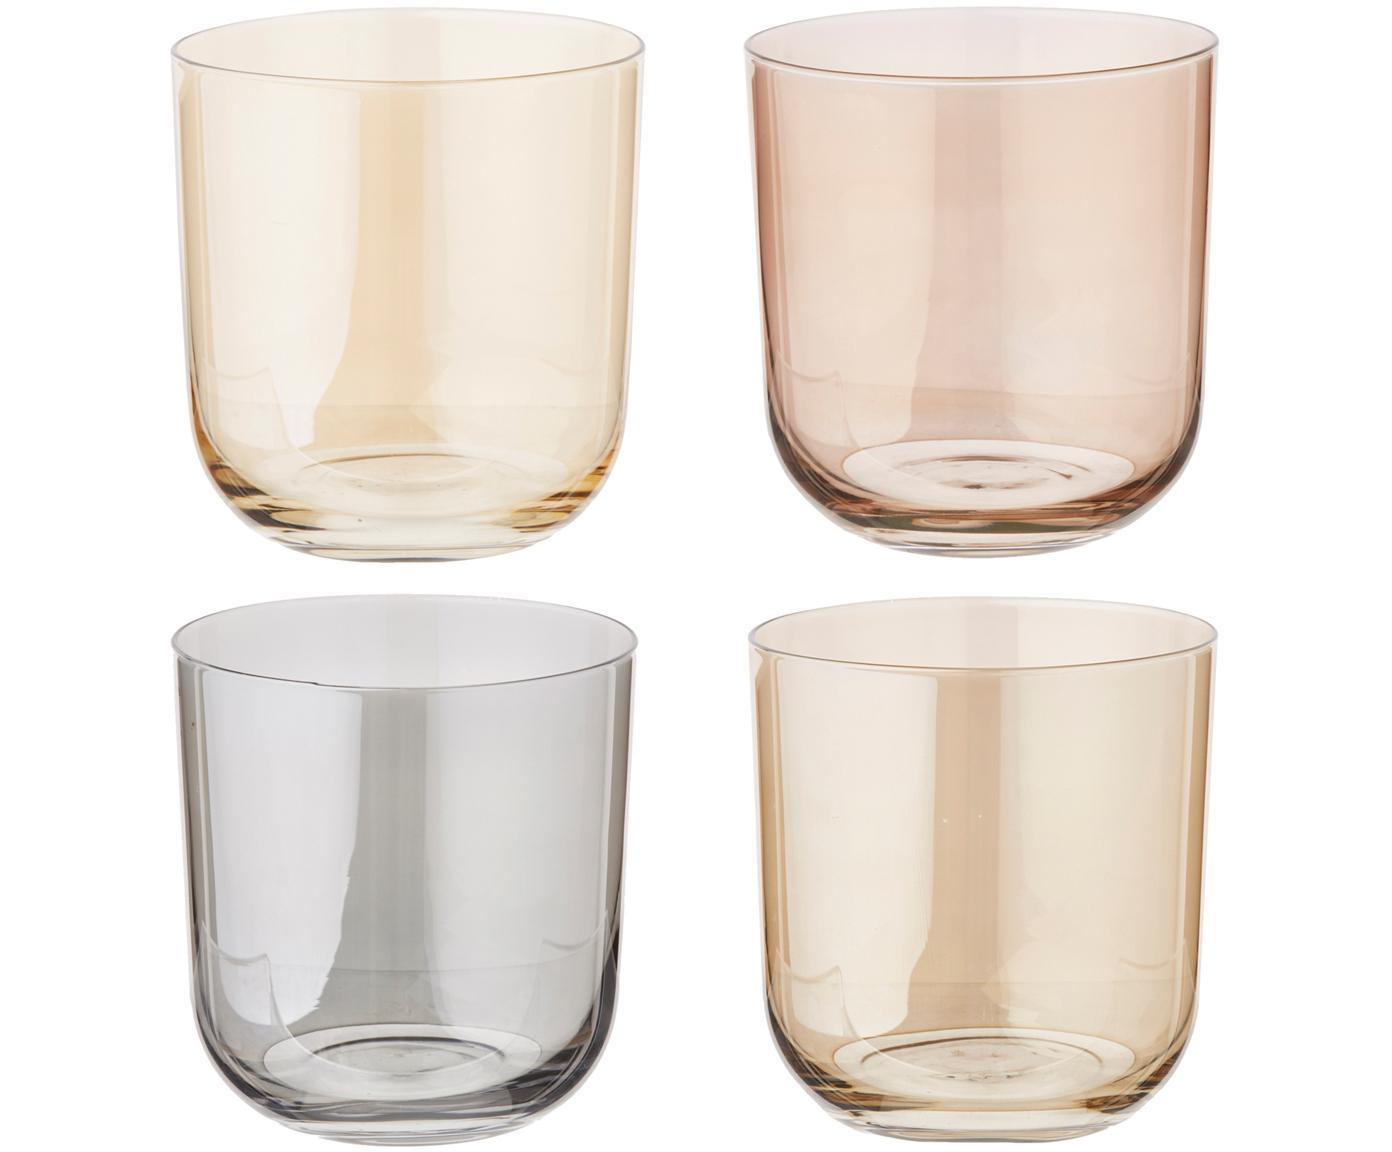 Handbemalte Wassergläser Polka in Bunt, 4er-Set, Glas, Gelb, Kastanienbraun, Grau, Braun, Ø 9 x H 9 cm